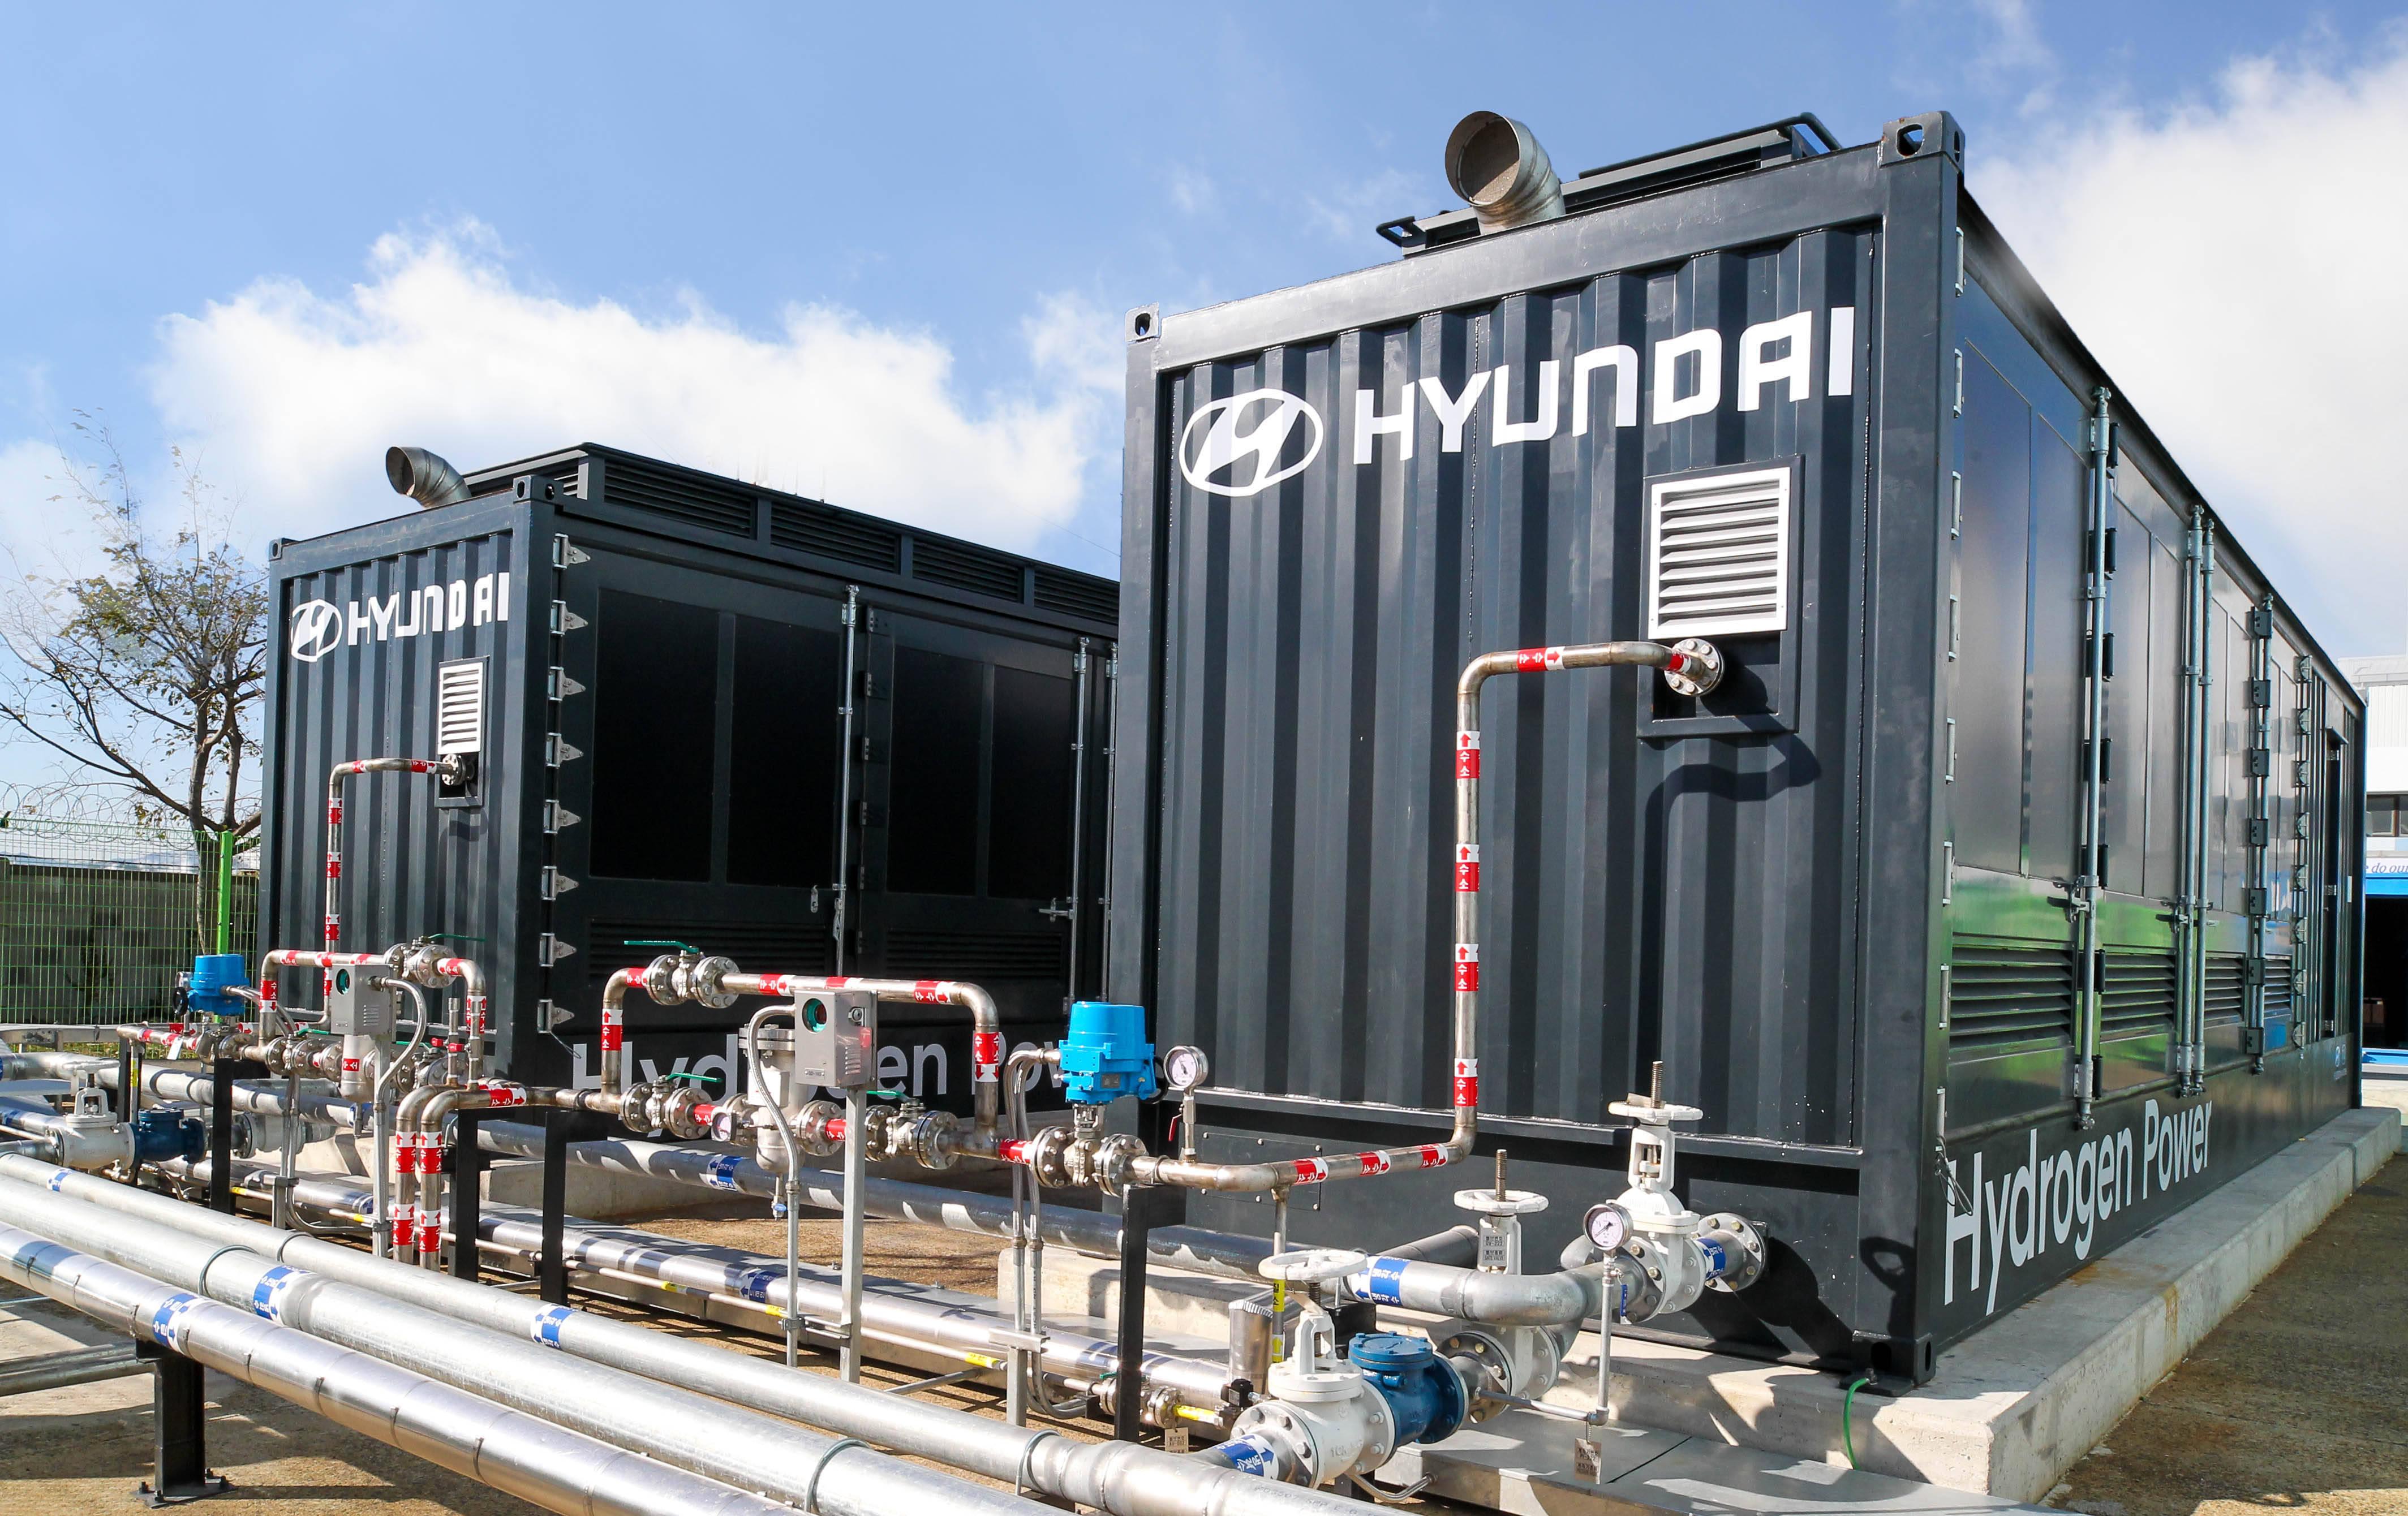 现代汽车公司的氢燃料电池发电项目正式完成并进行演示